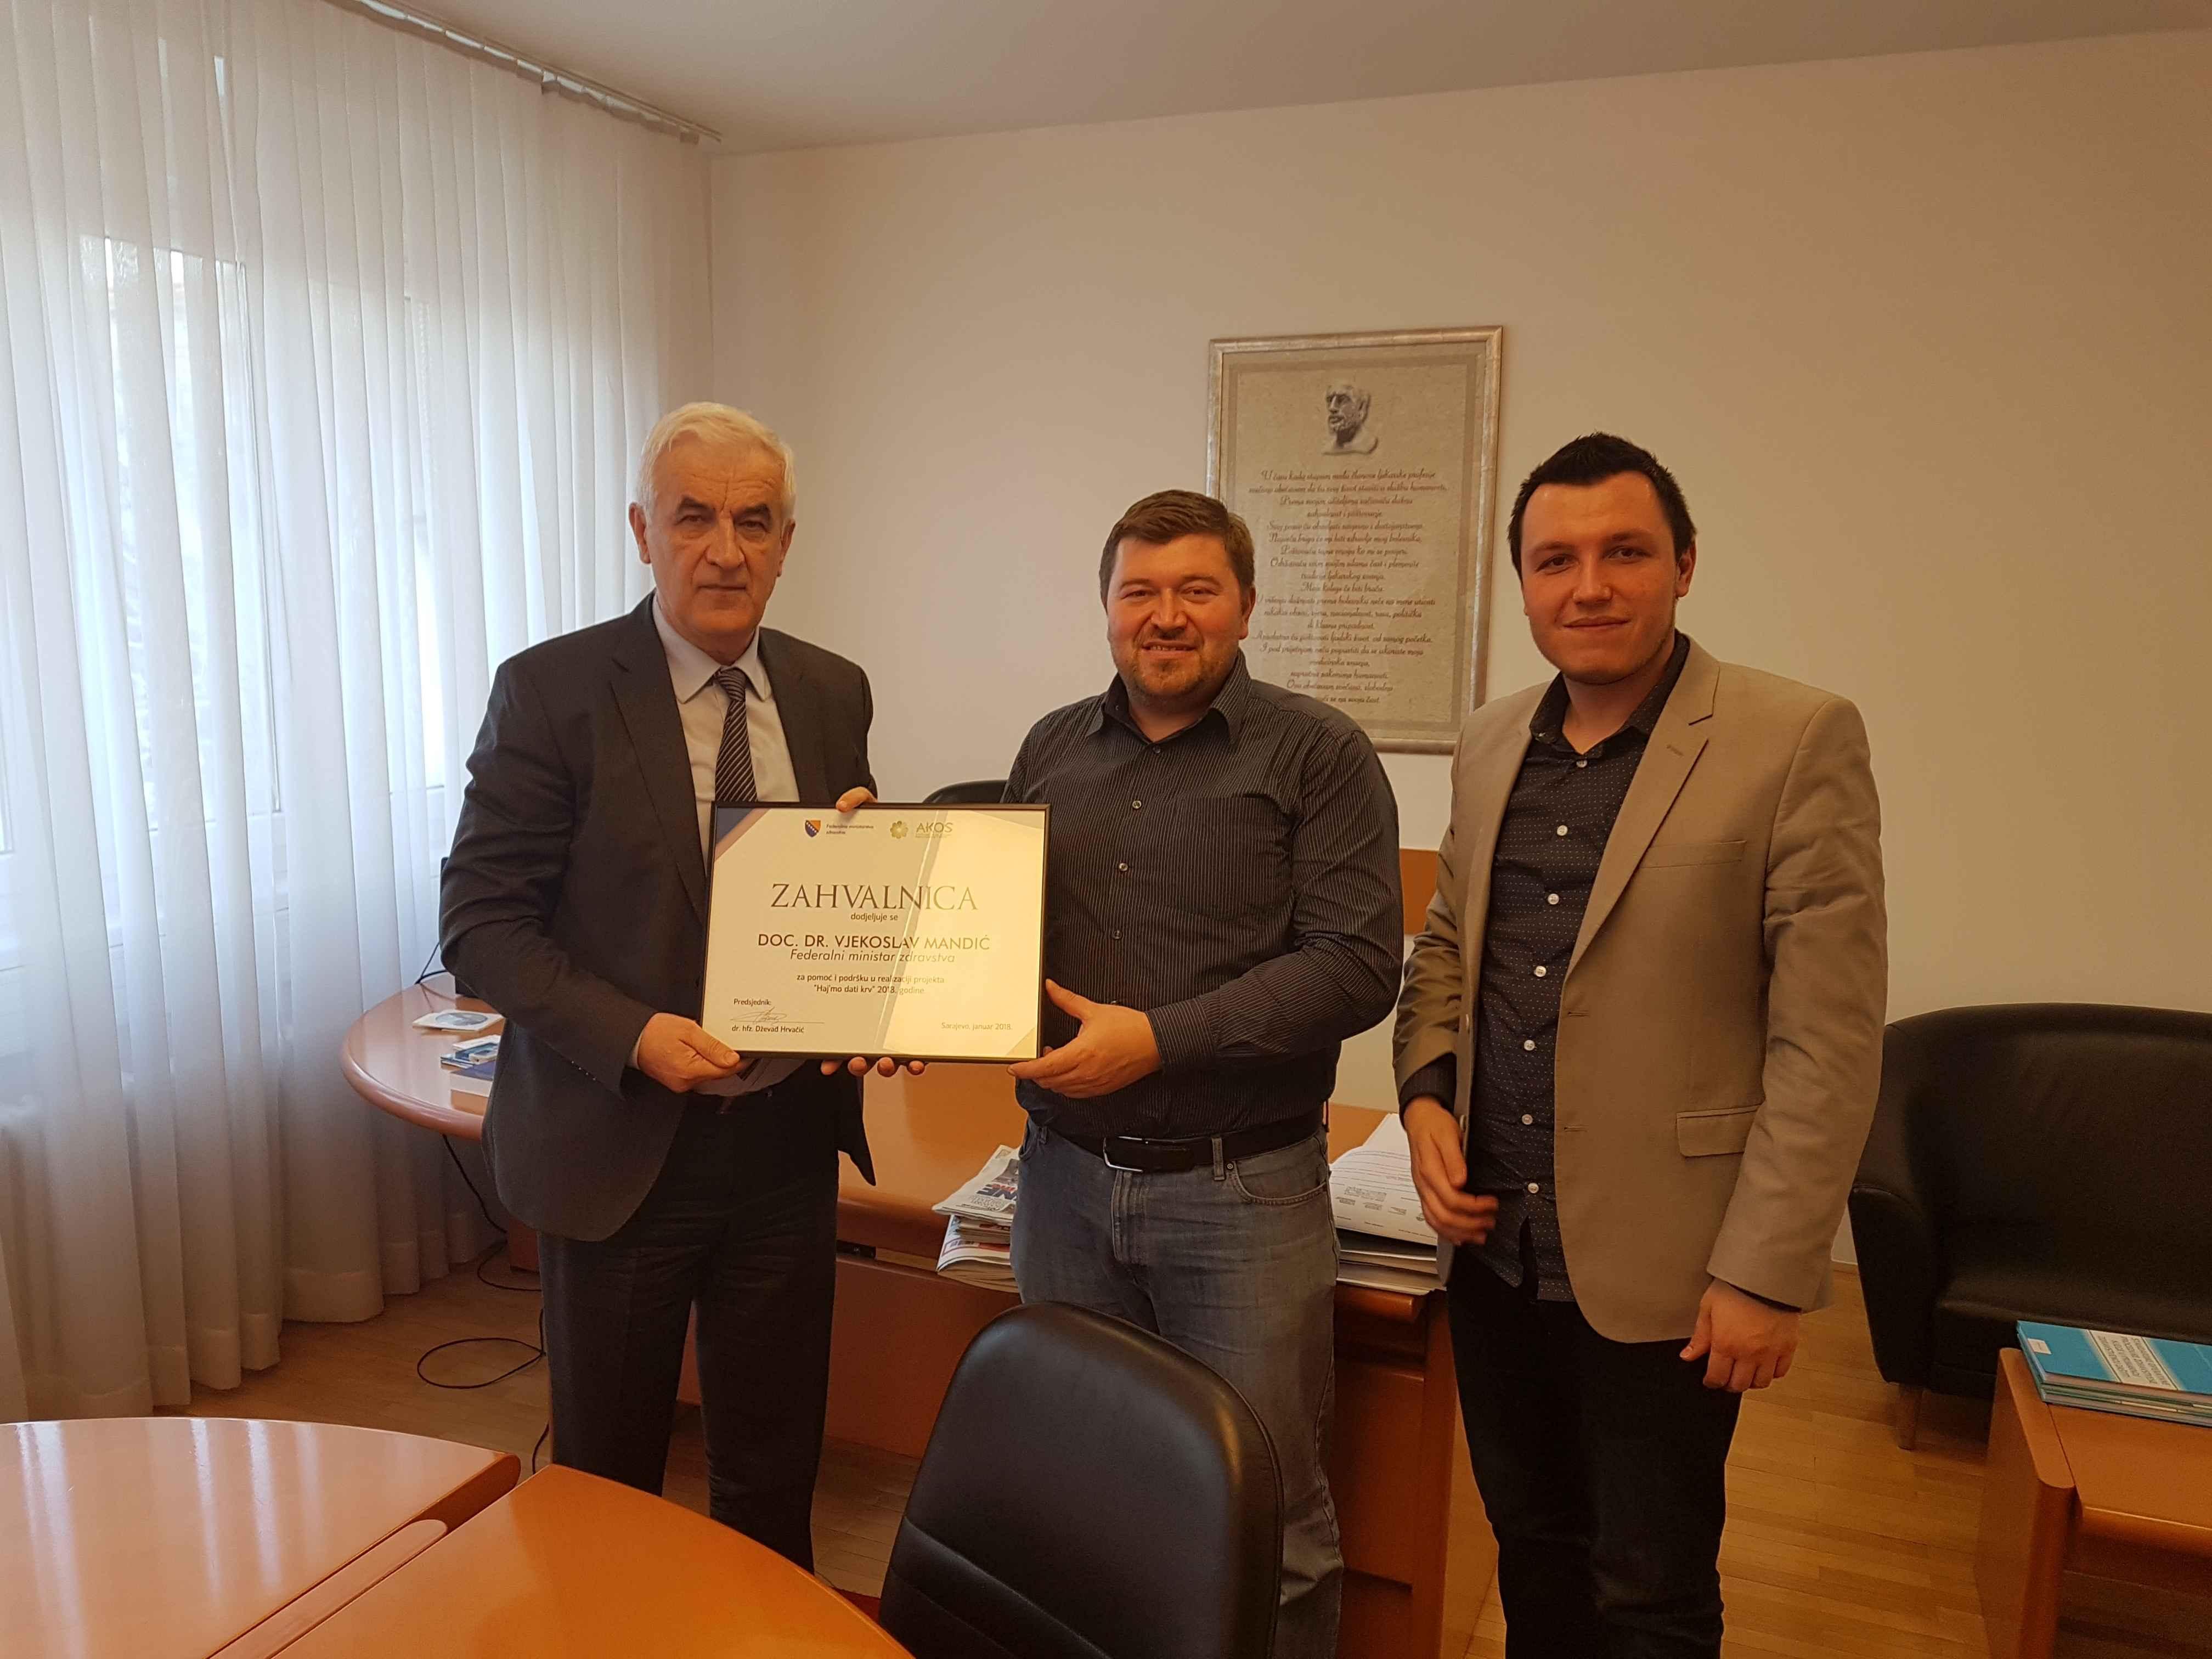 Predstavnici AKOS-a uručili zahvalnicu ministru zdravstva Federacije BiH doc.dr. Vjekoslavu Mandiću